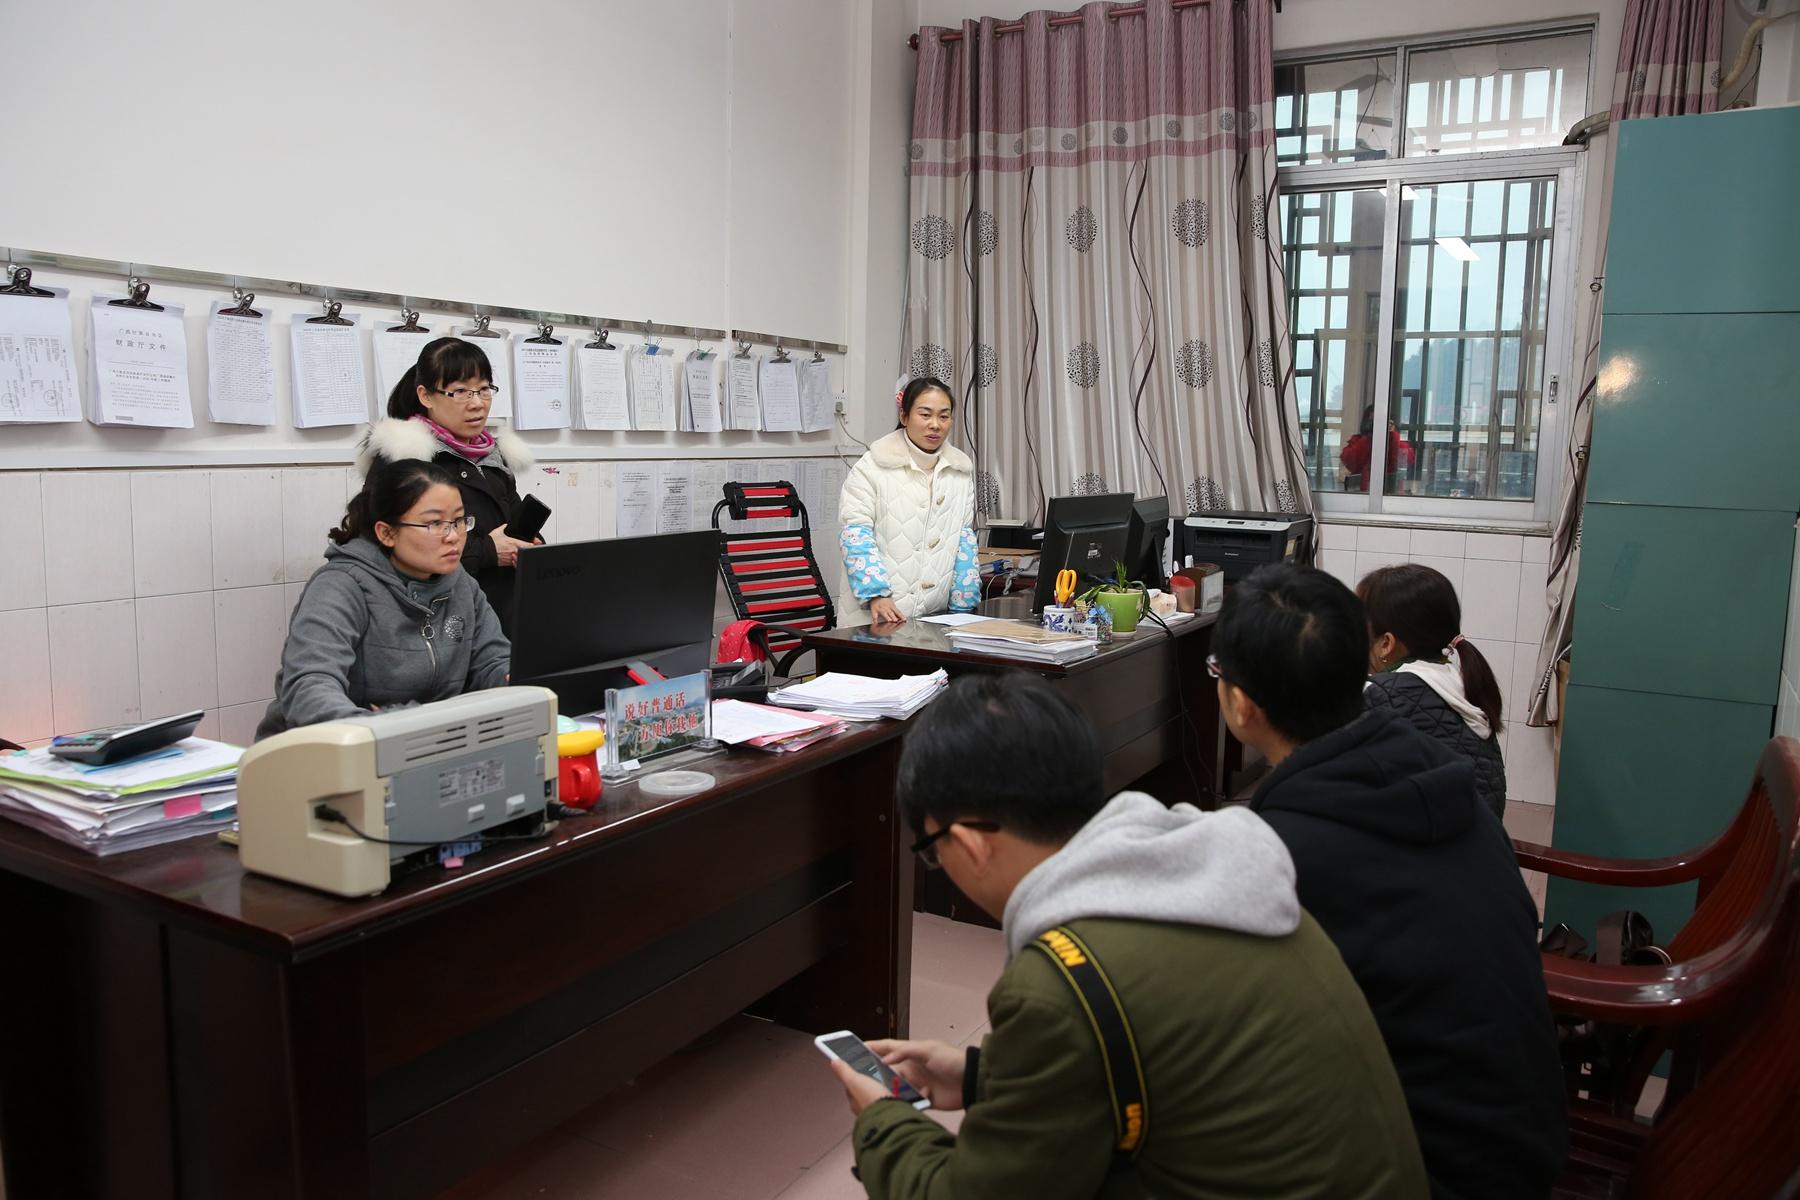 环江县民政局财务科工作人员向探访团成员介绍福彩公益金使用的具体情况